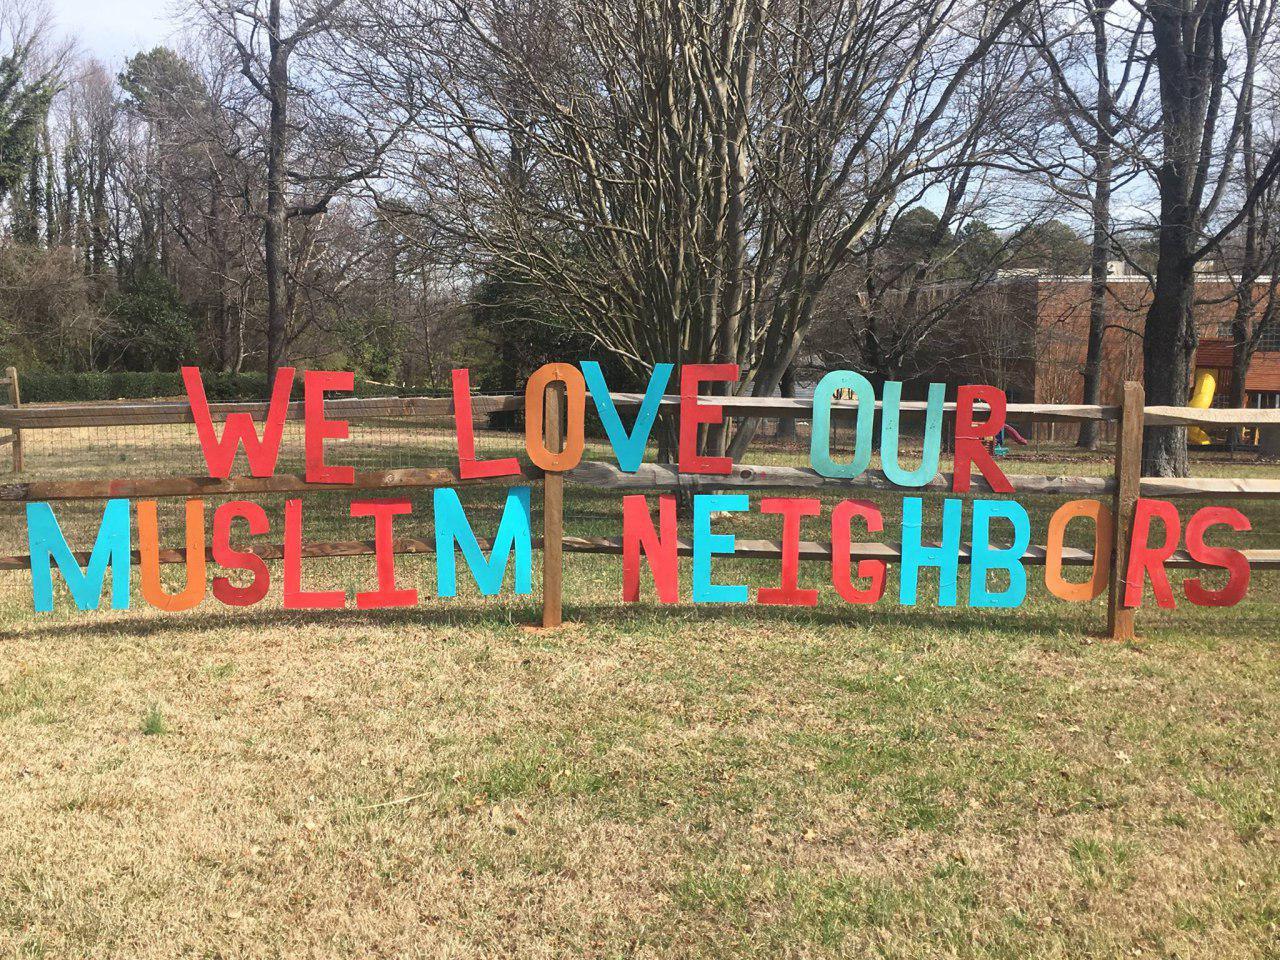 تصویر ابراز محبت کلیسای آمریکایی به همسایگان مسلمان